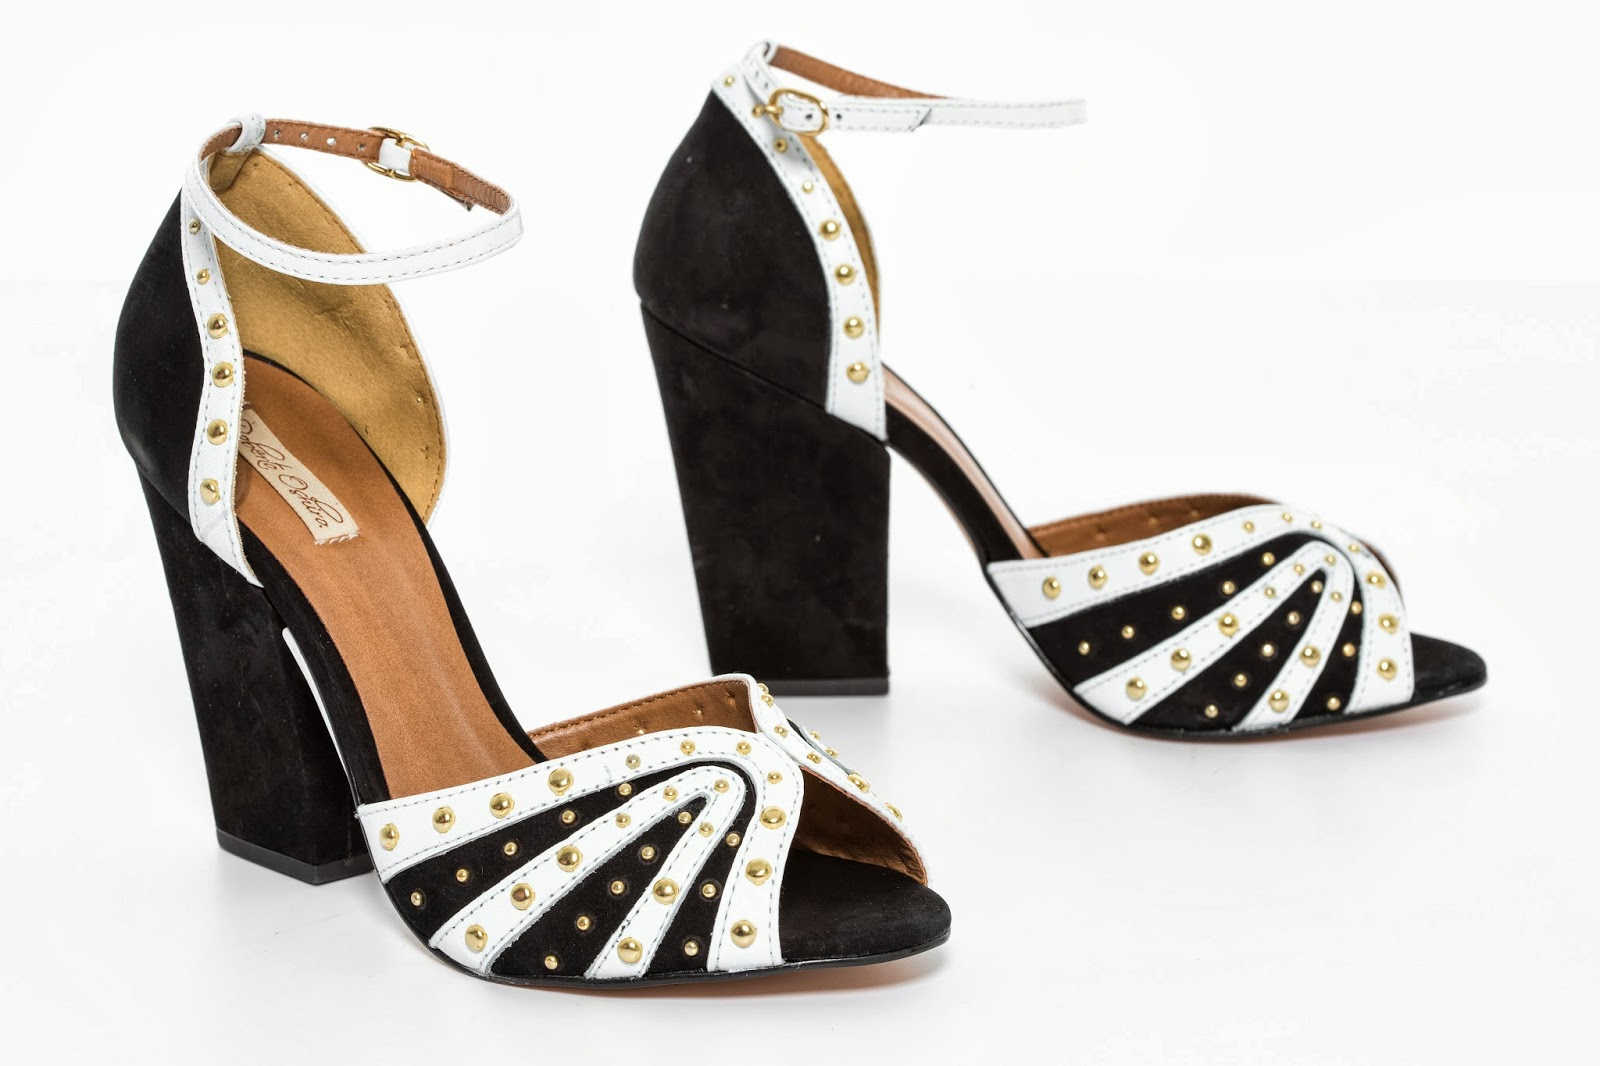 a6f4849c9e Mulheres que sempre gostam de usar um saltinho no dia-a-dia podem começar a  investir na tendência da primavera-verão deste ano. As sandálias